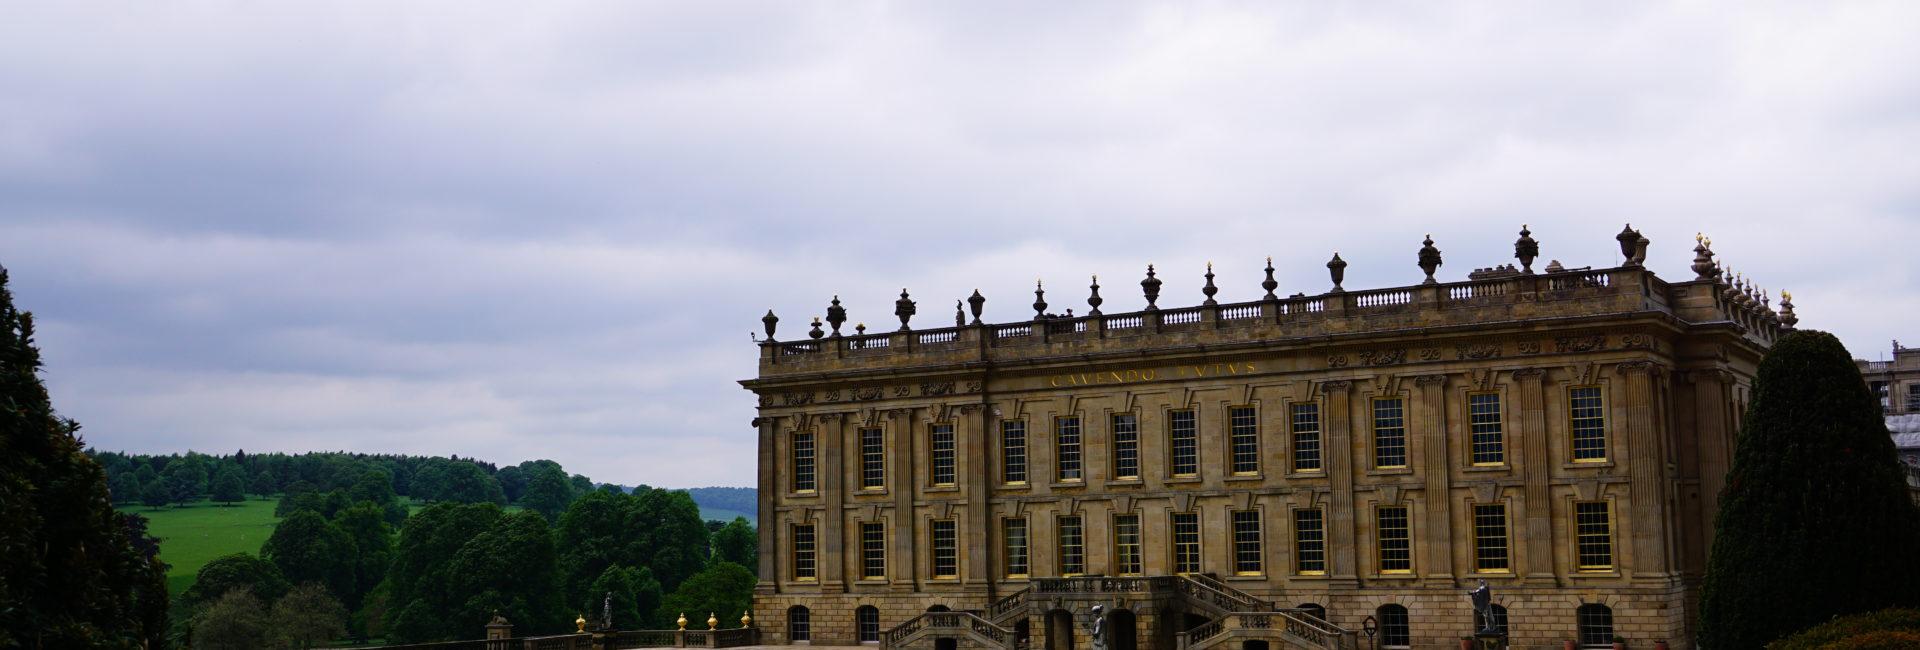 英國 峰區景點  Chatsworth House 查茨沃斯莊園 (達西莊園)